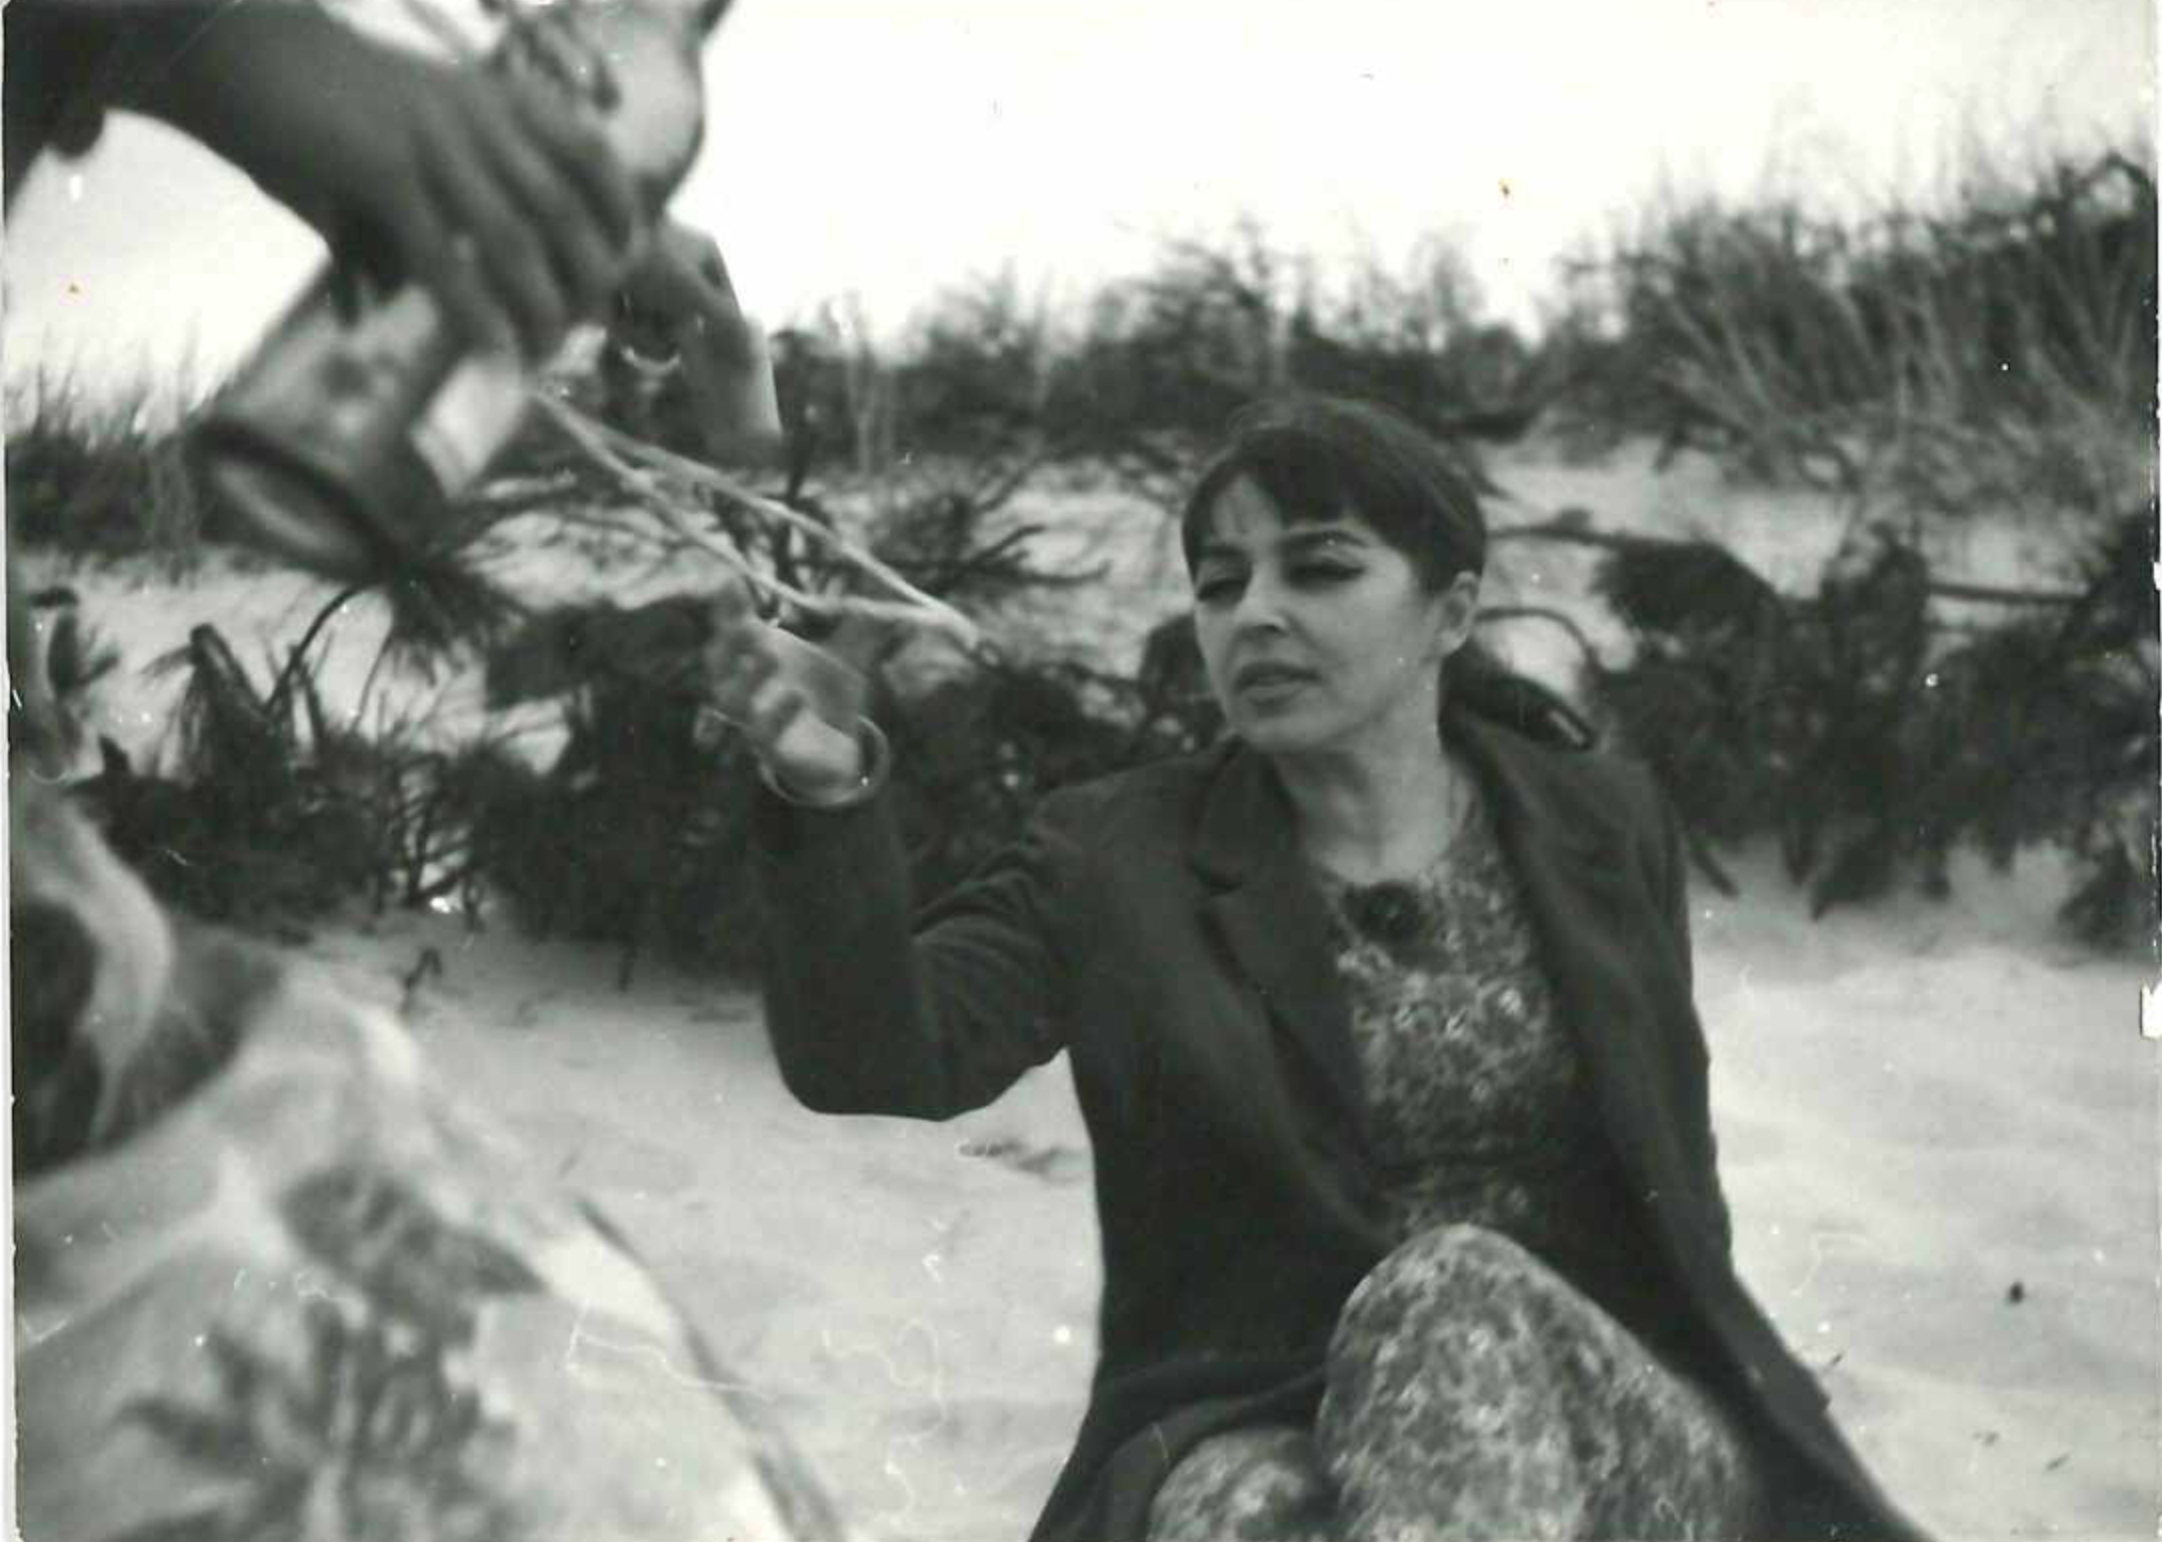 Kalina Jędrusik, imieniny na plaży, rok 1969 (fot. archiwum prywatne)